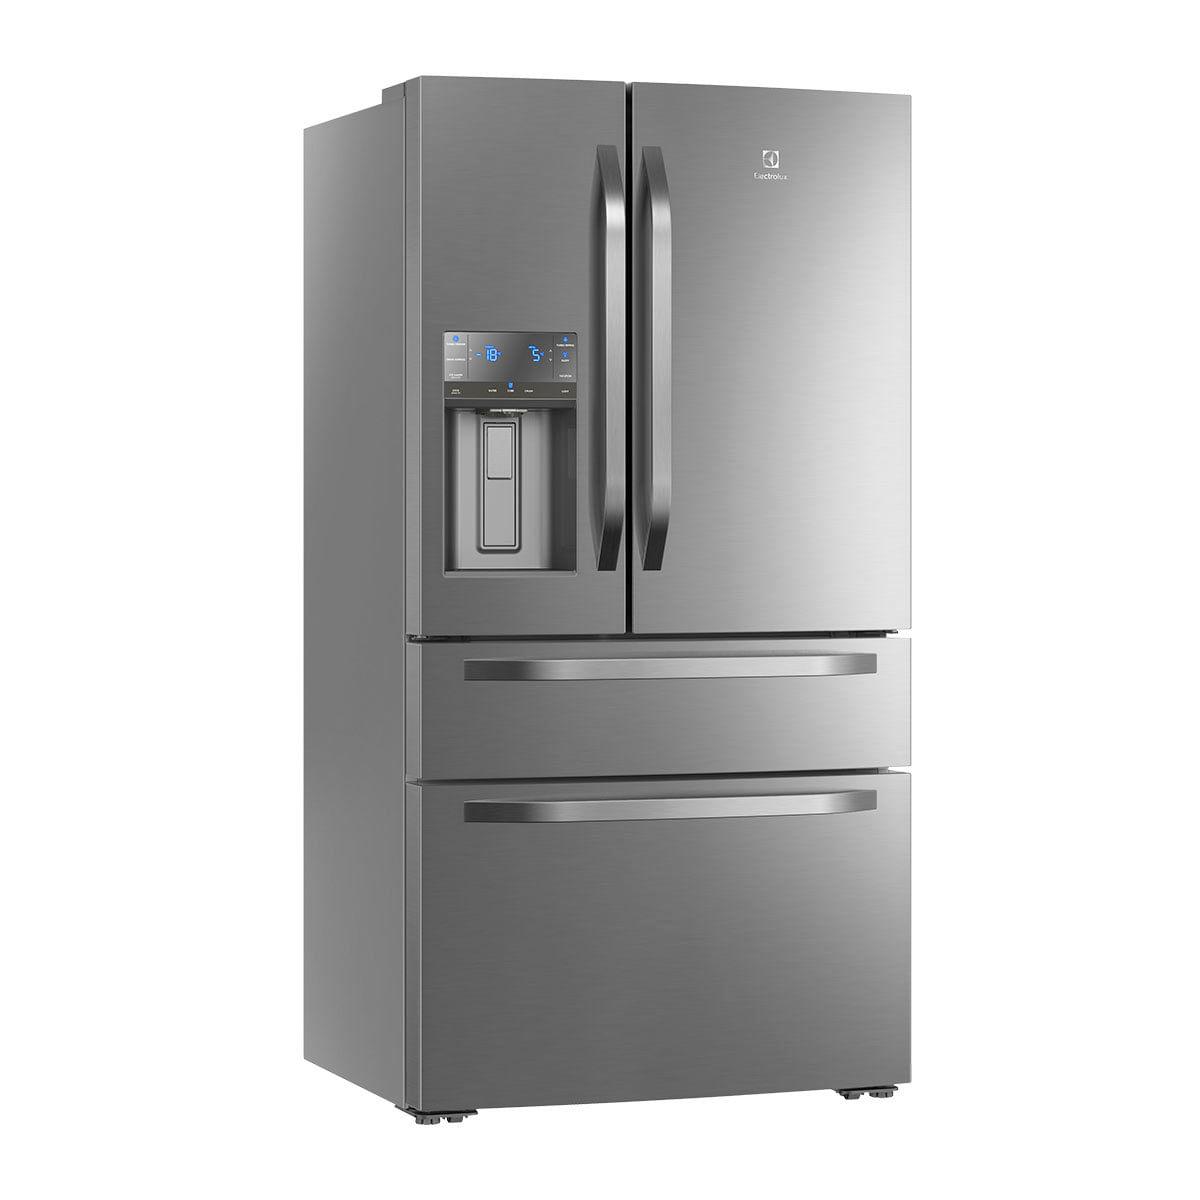 Geladeira/refrigerador 540 Litros 4 Portas Platinum - Electrolux - 220v - Dm90x